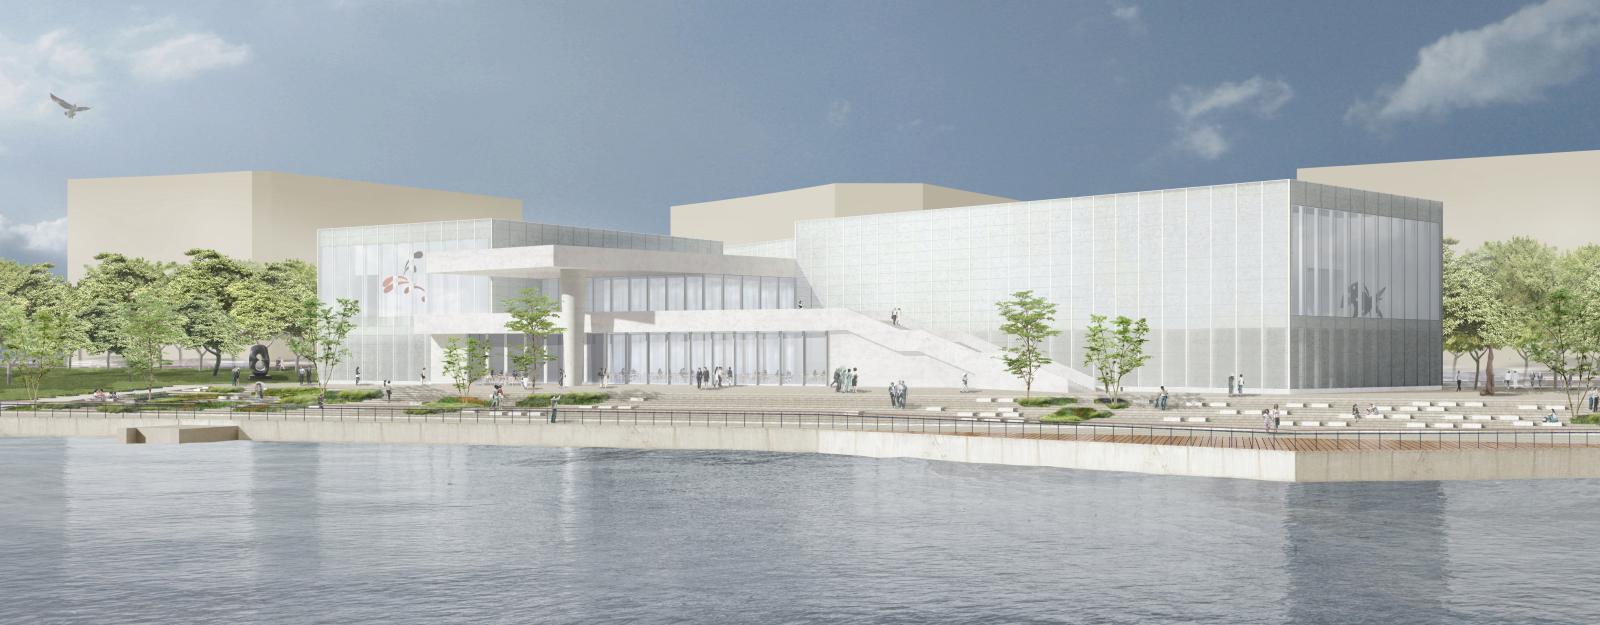 Projet pour la future implantation du Centre Pompidou à Shangai.